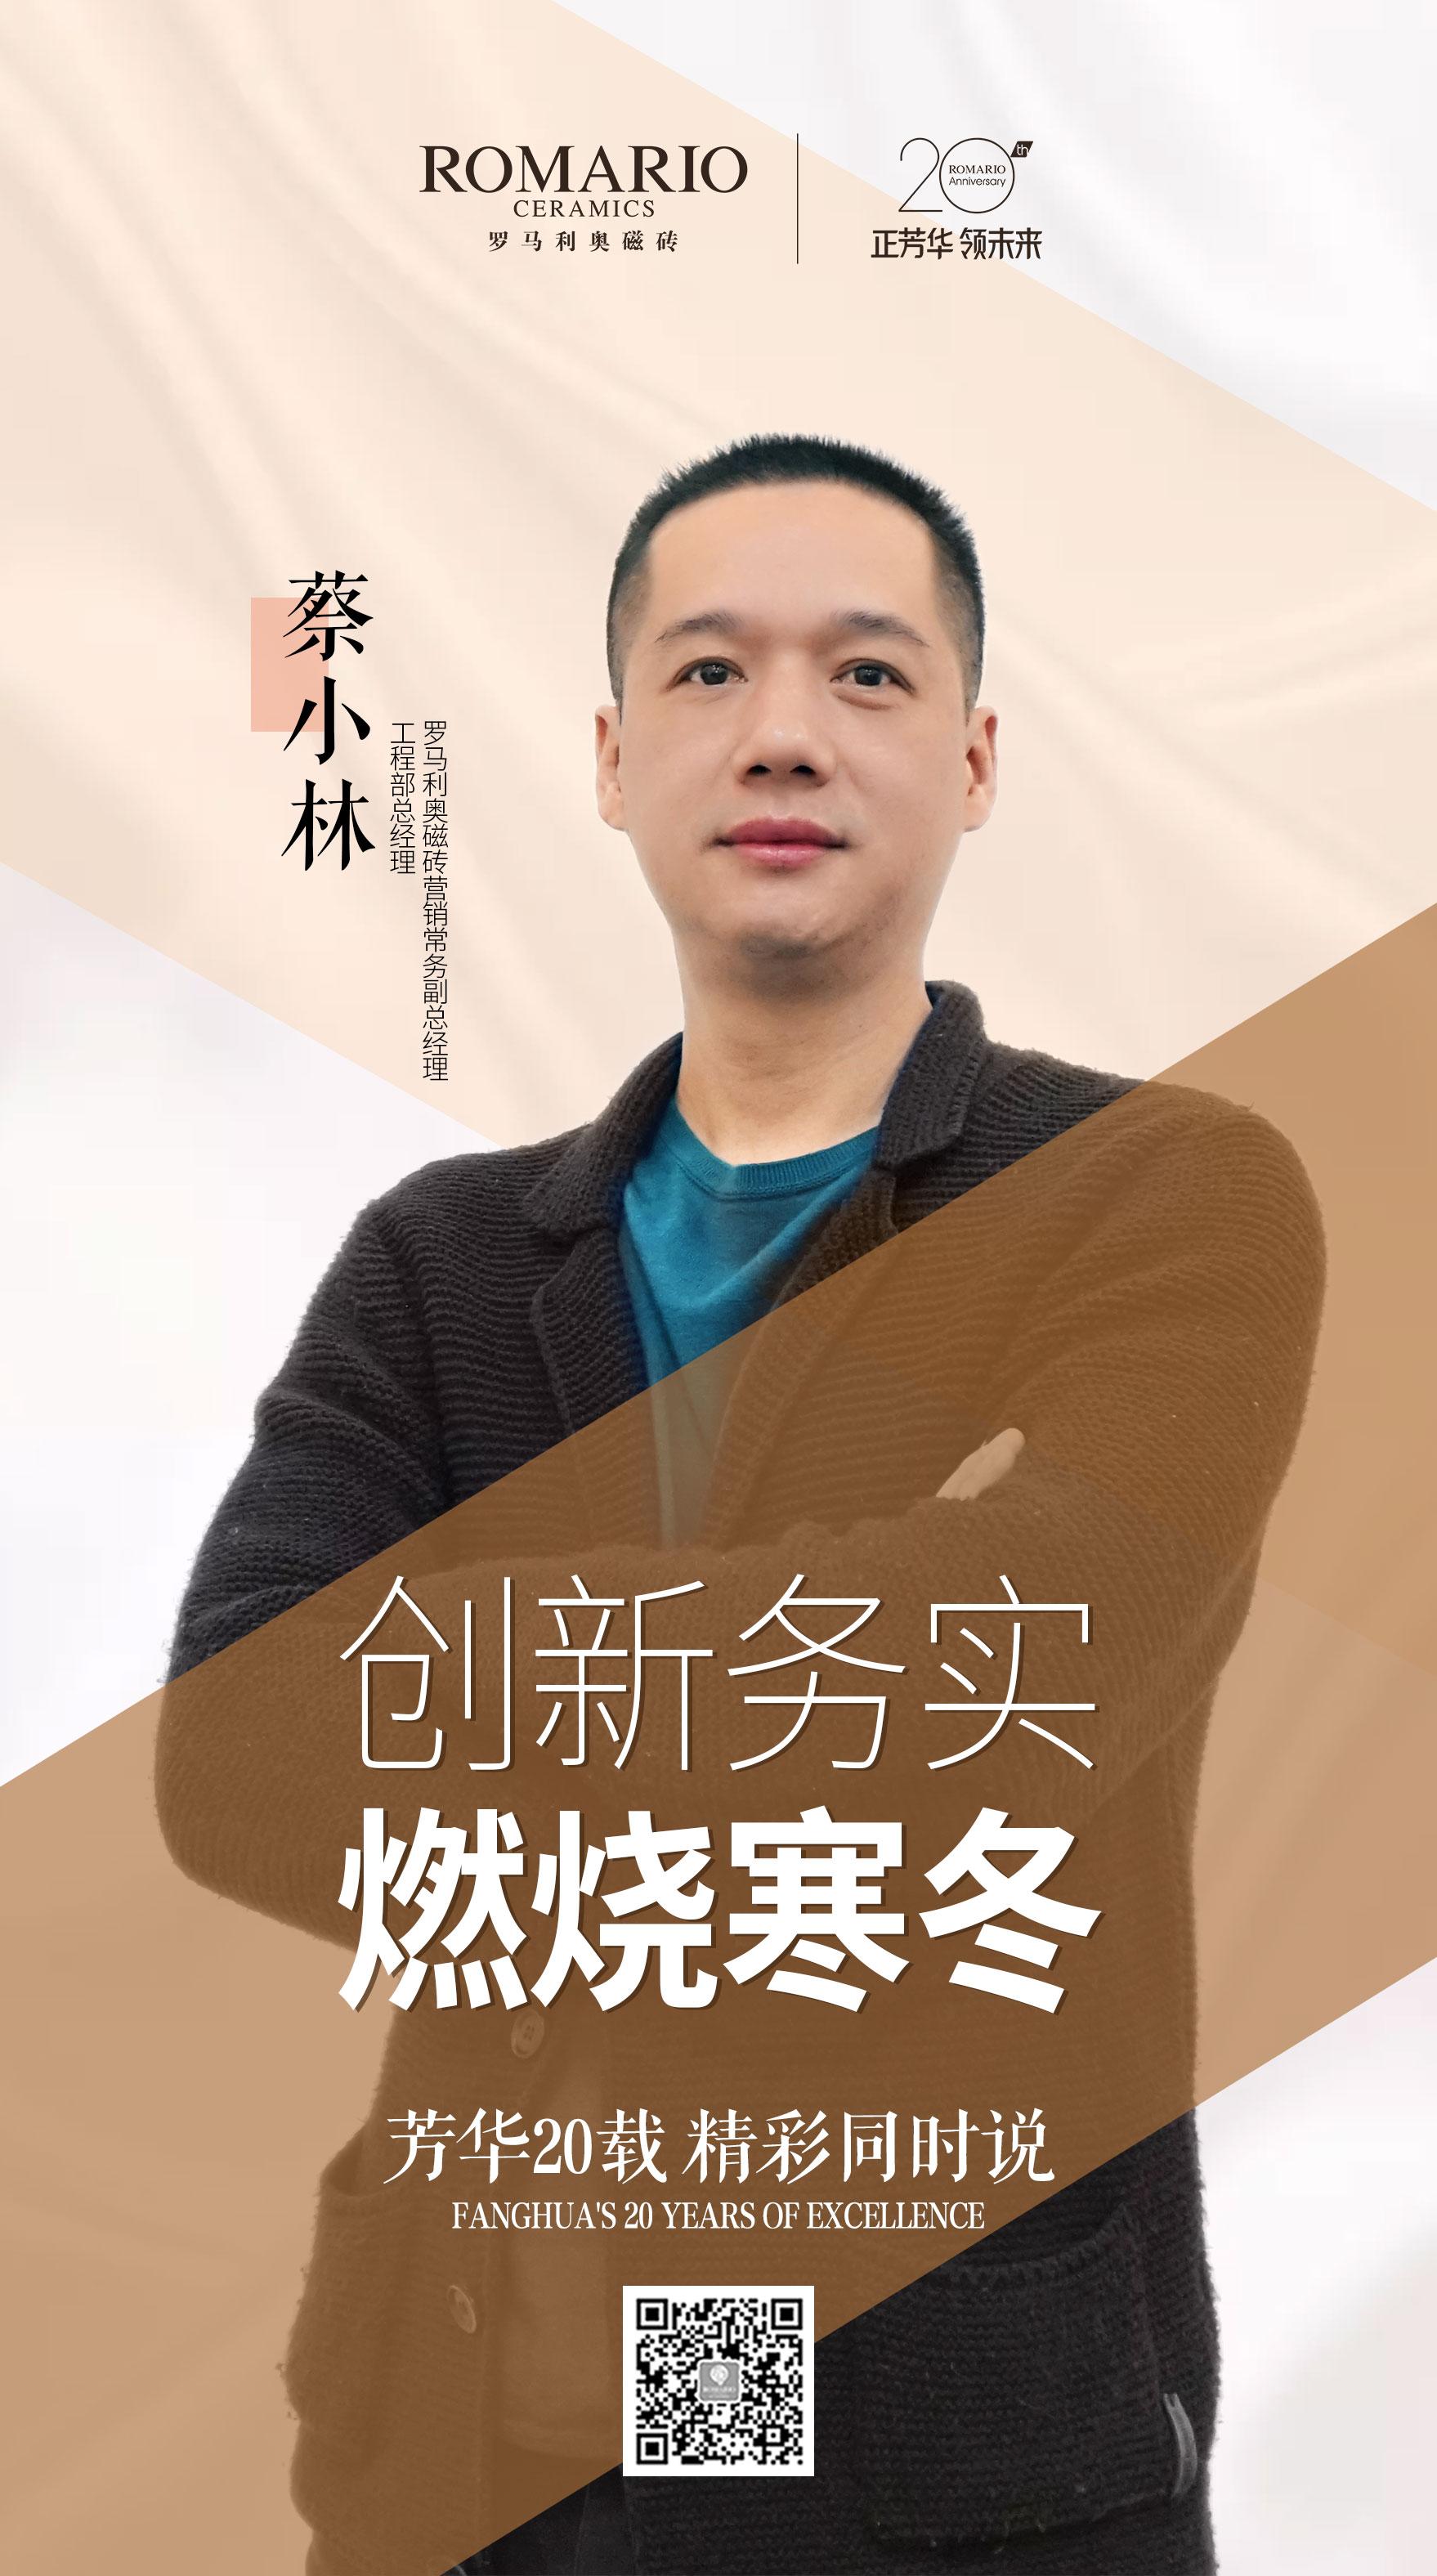 3-罗马利奥磁砖营销常务副总经理兼工程部总经理蔡小林